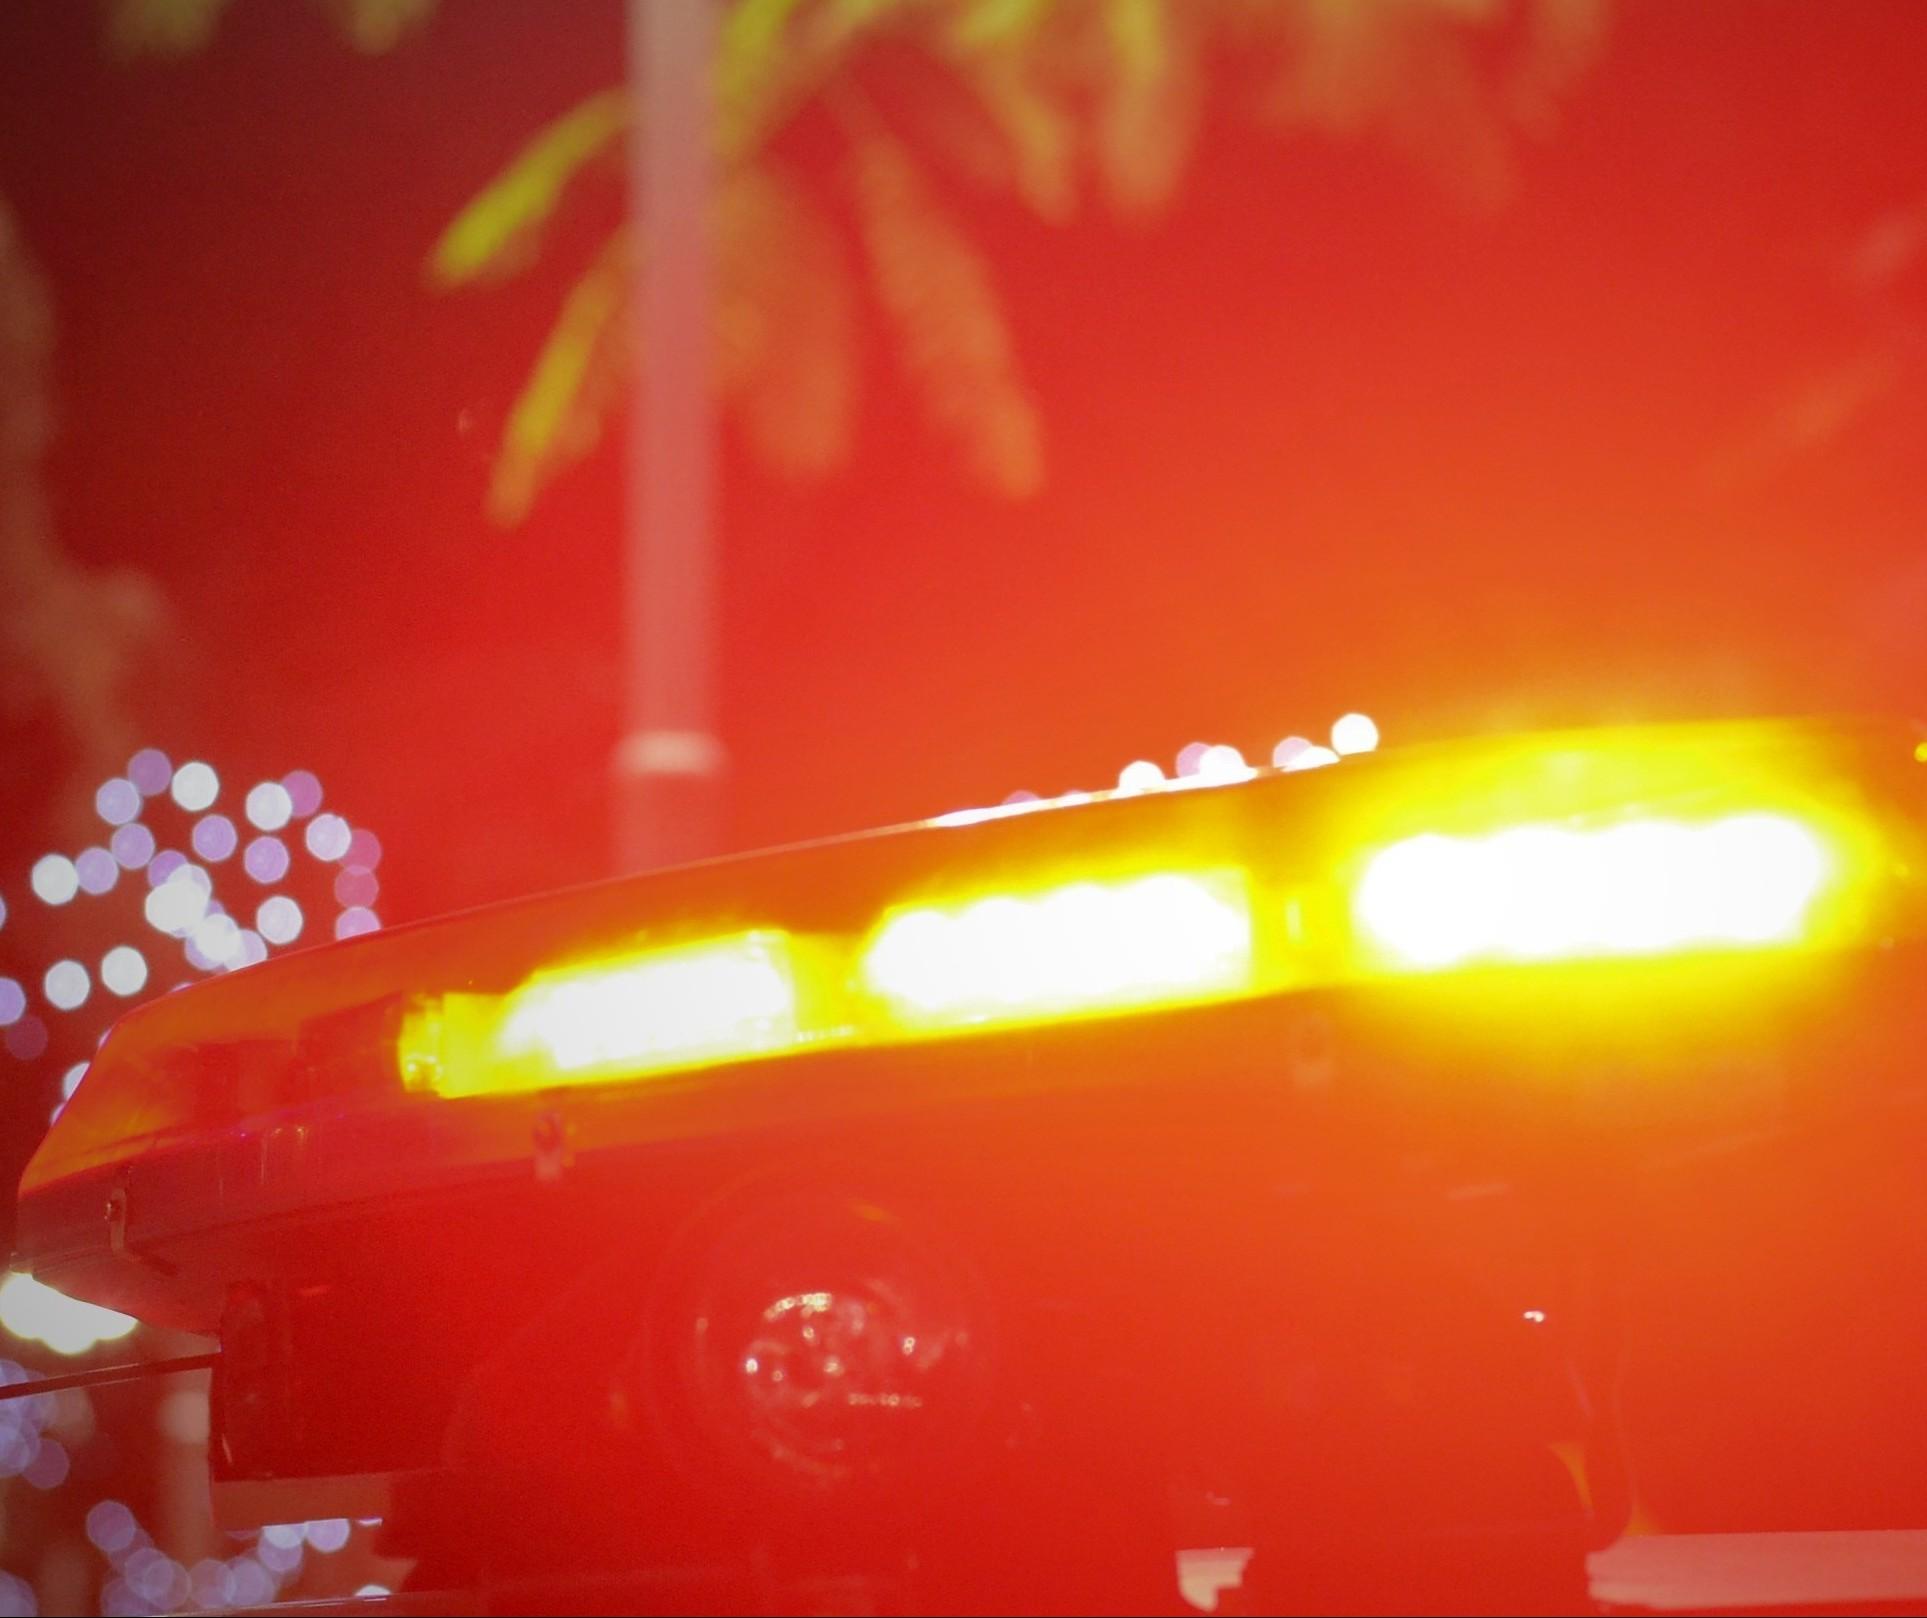 Jovem é atingido por disparos de arma de fogo